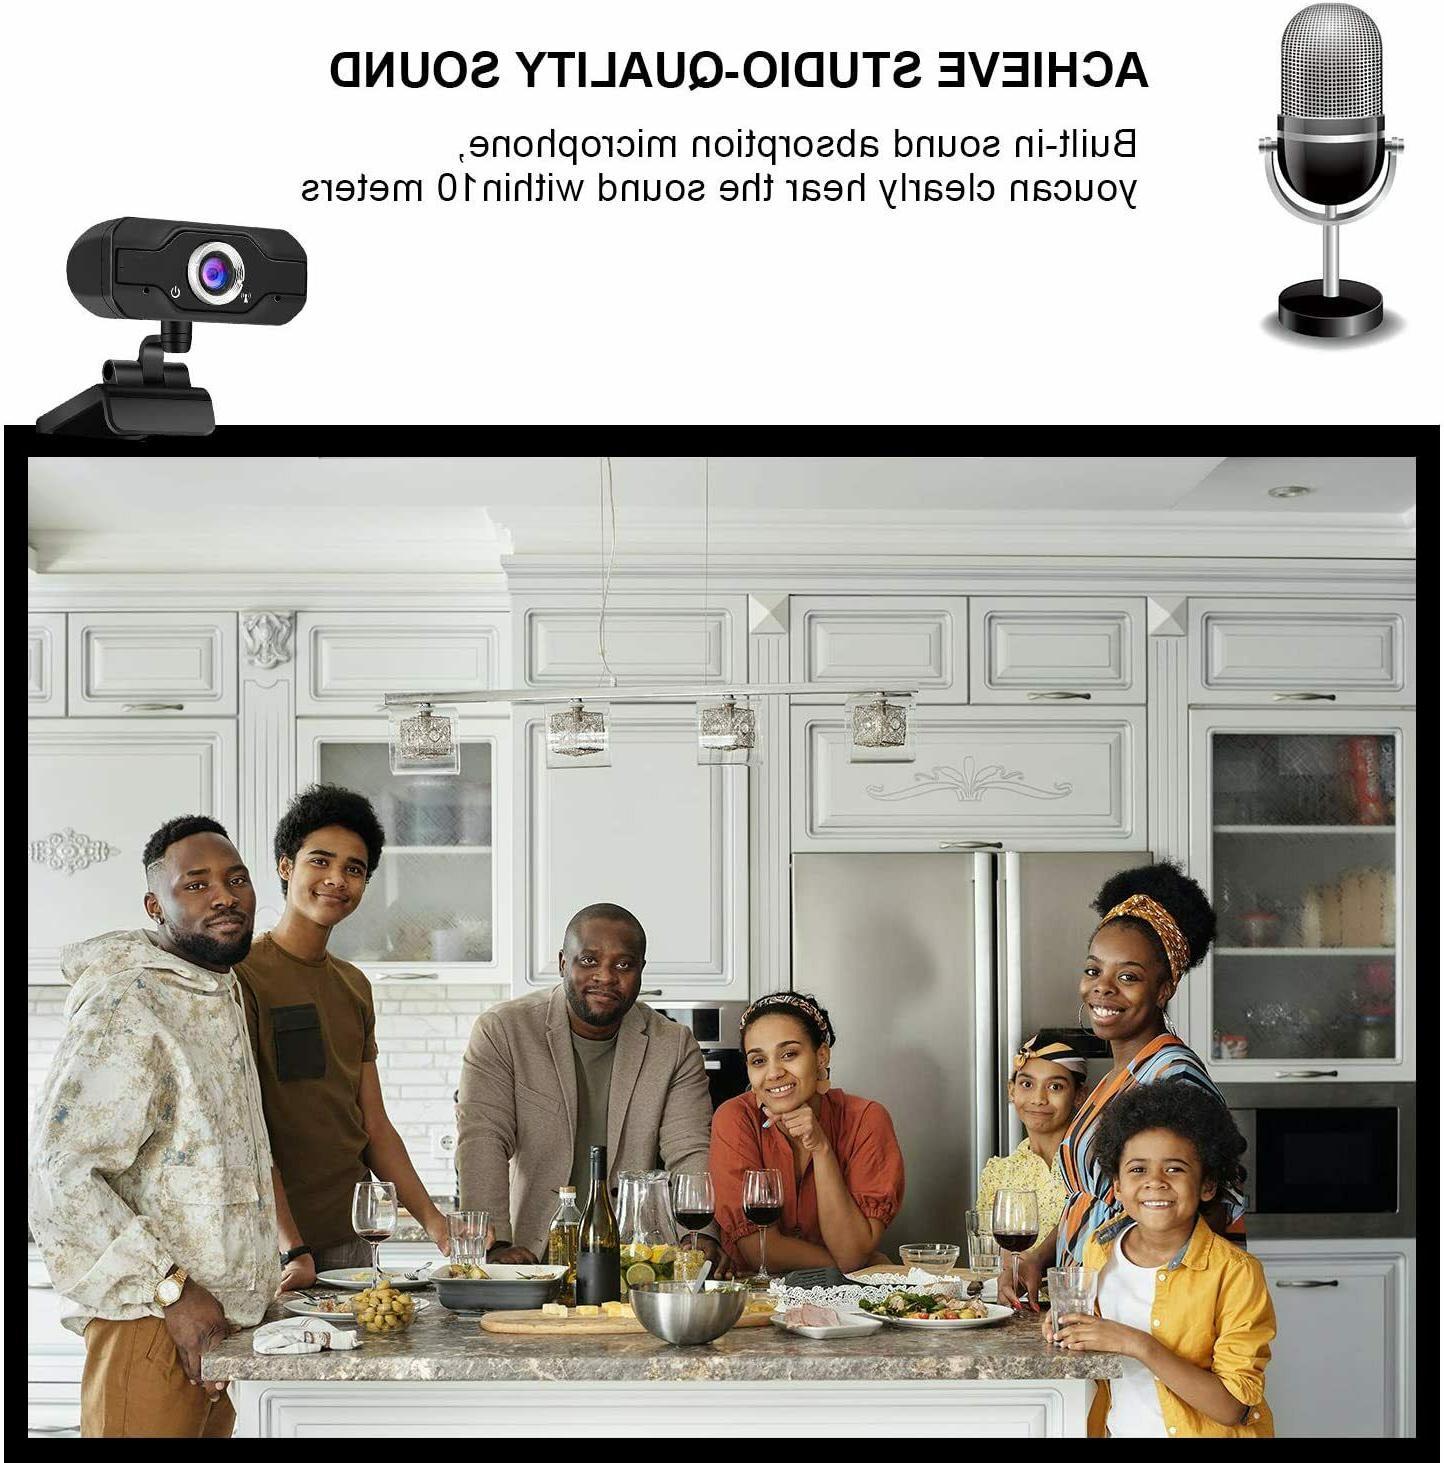 HD Microphone USB Camera PC/Mac Video Call